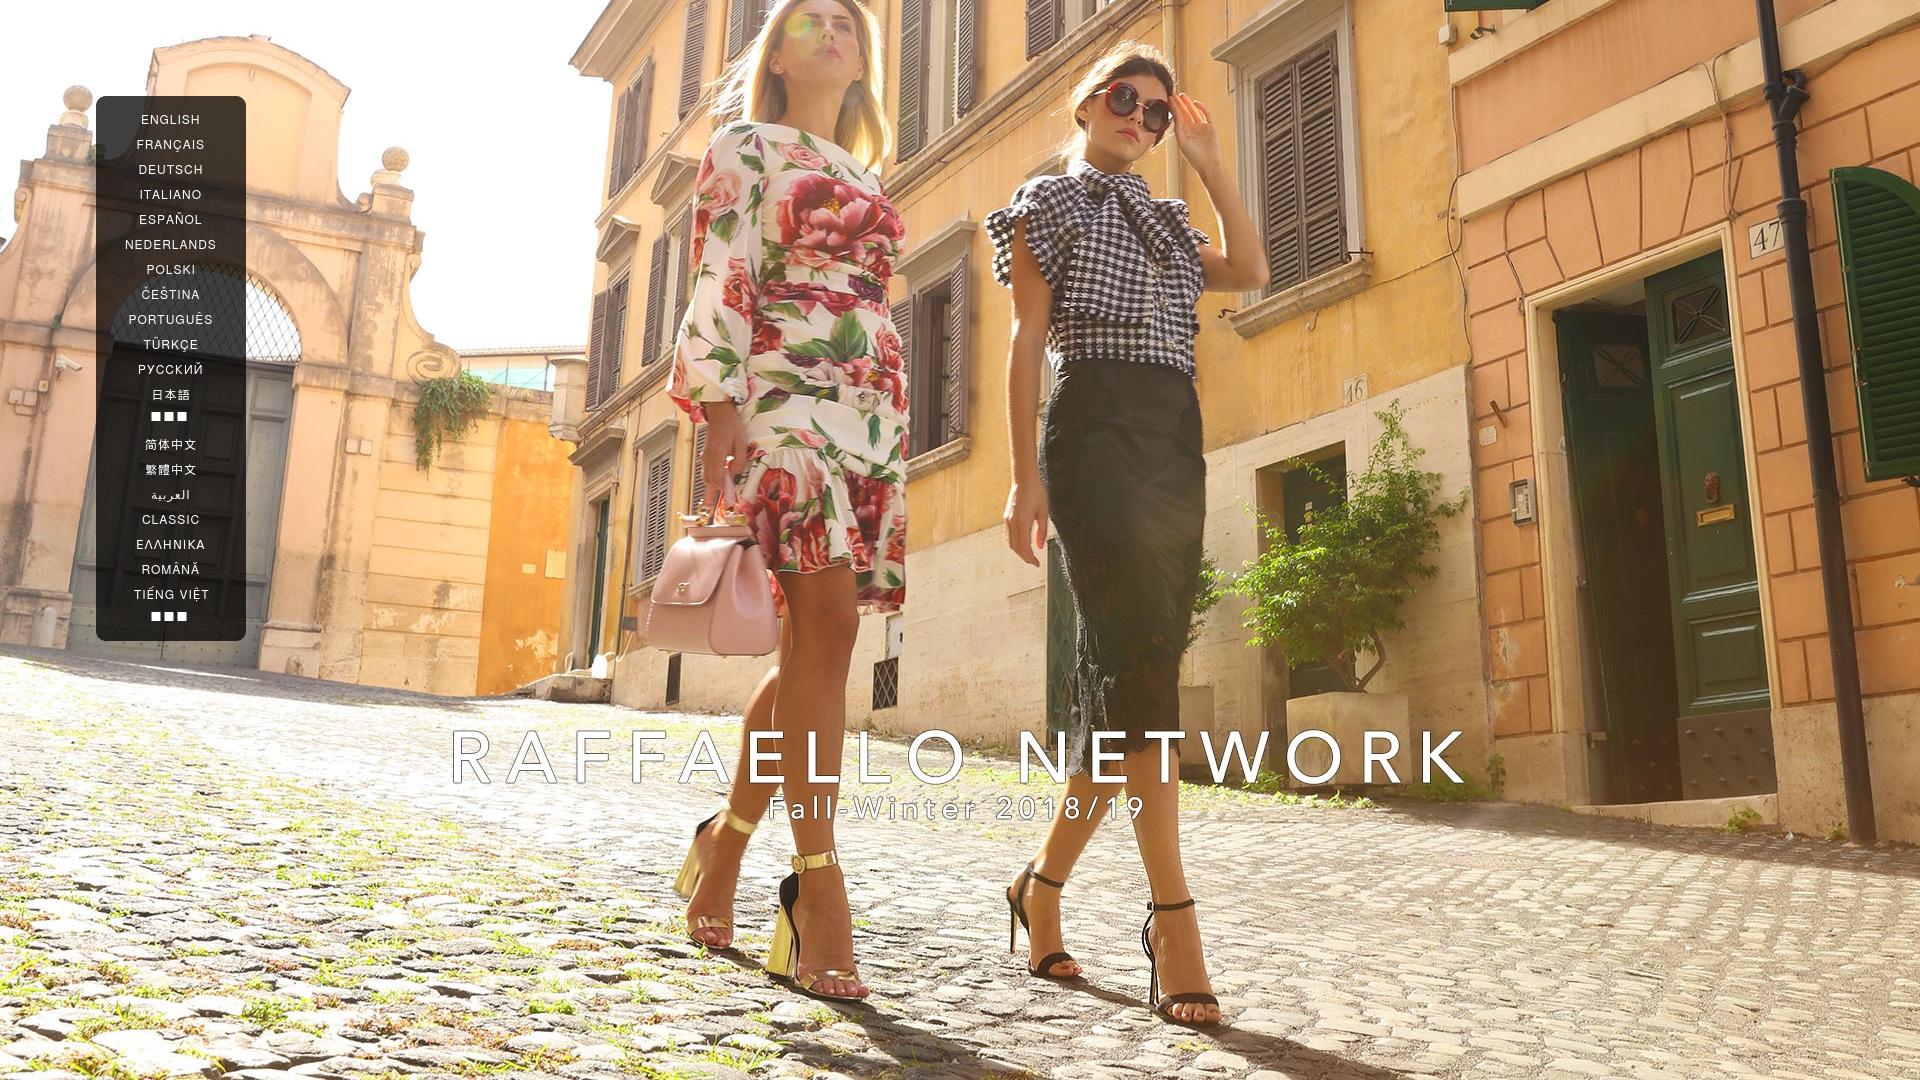 Gutschein für Raffaello-network: Rabatte für Raffaello-network sichern